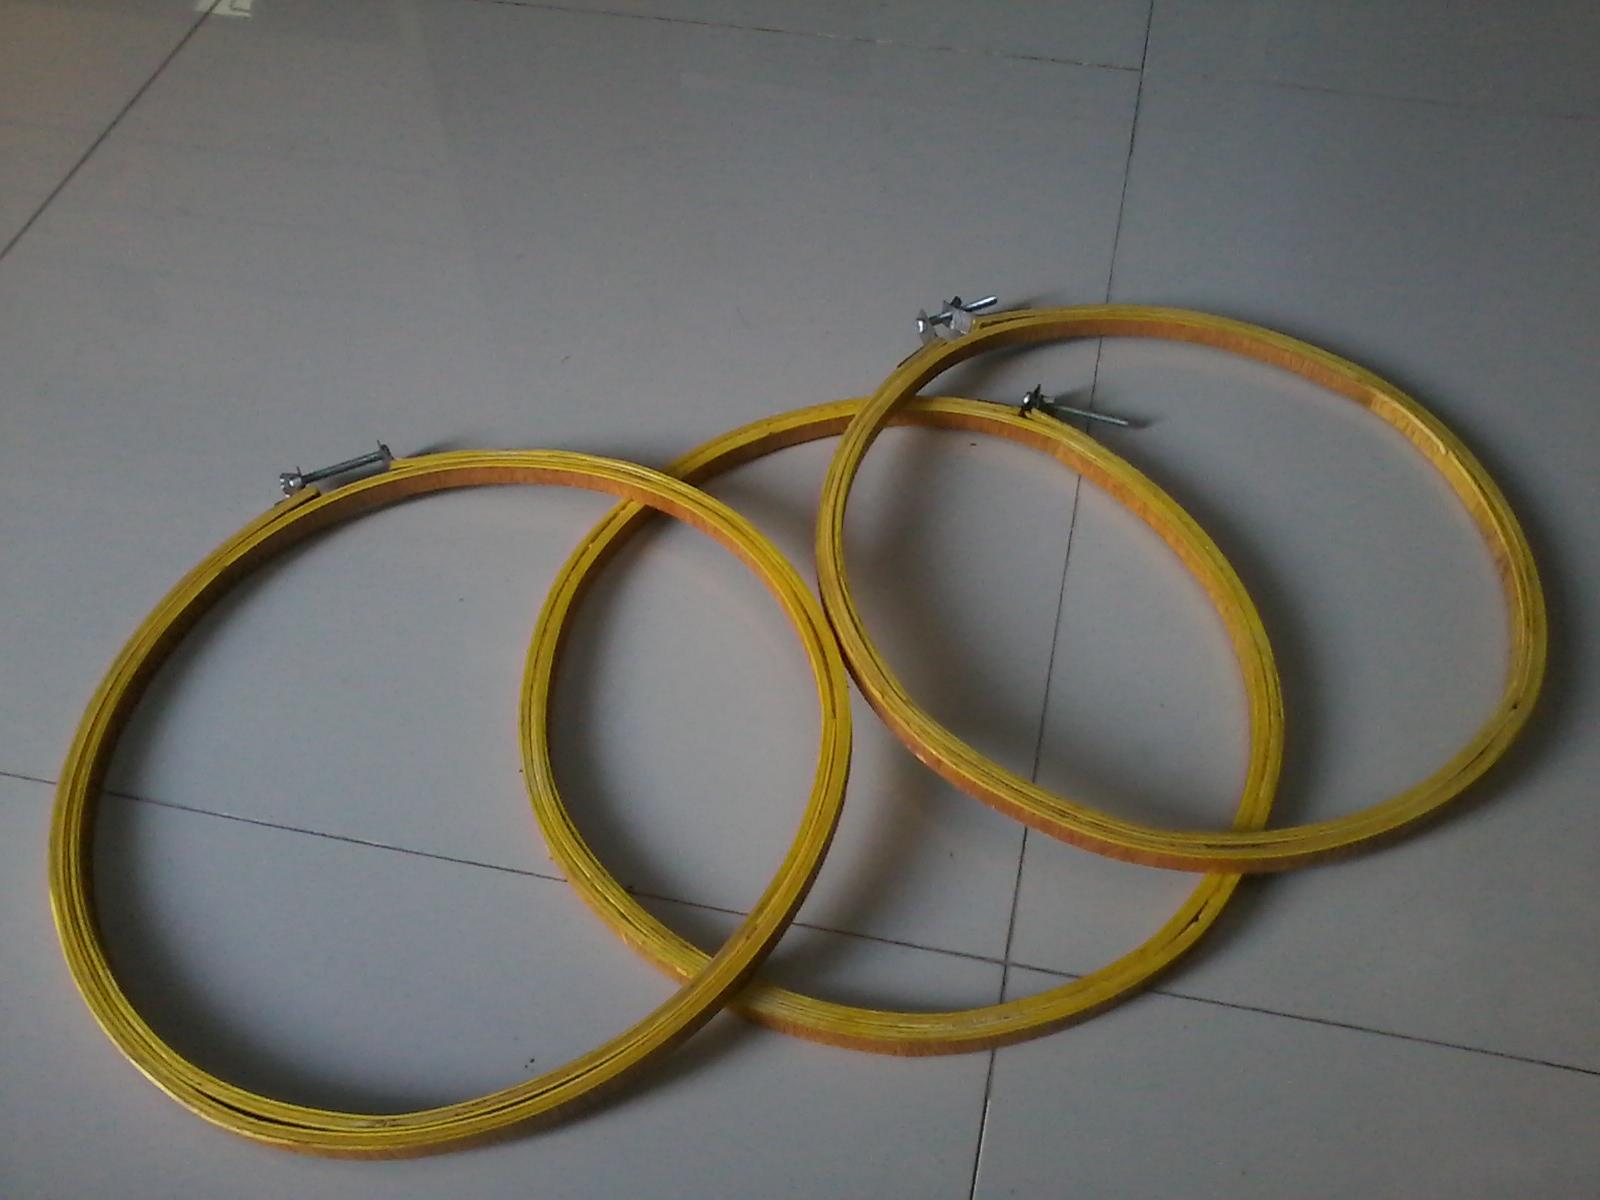 Jual Alat Batik Jogja  Jual alat batik canting klowong canting